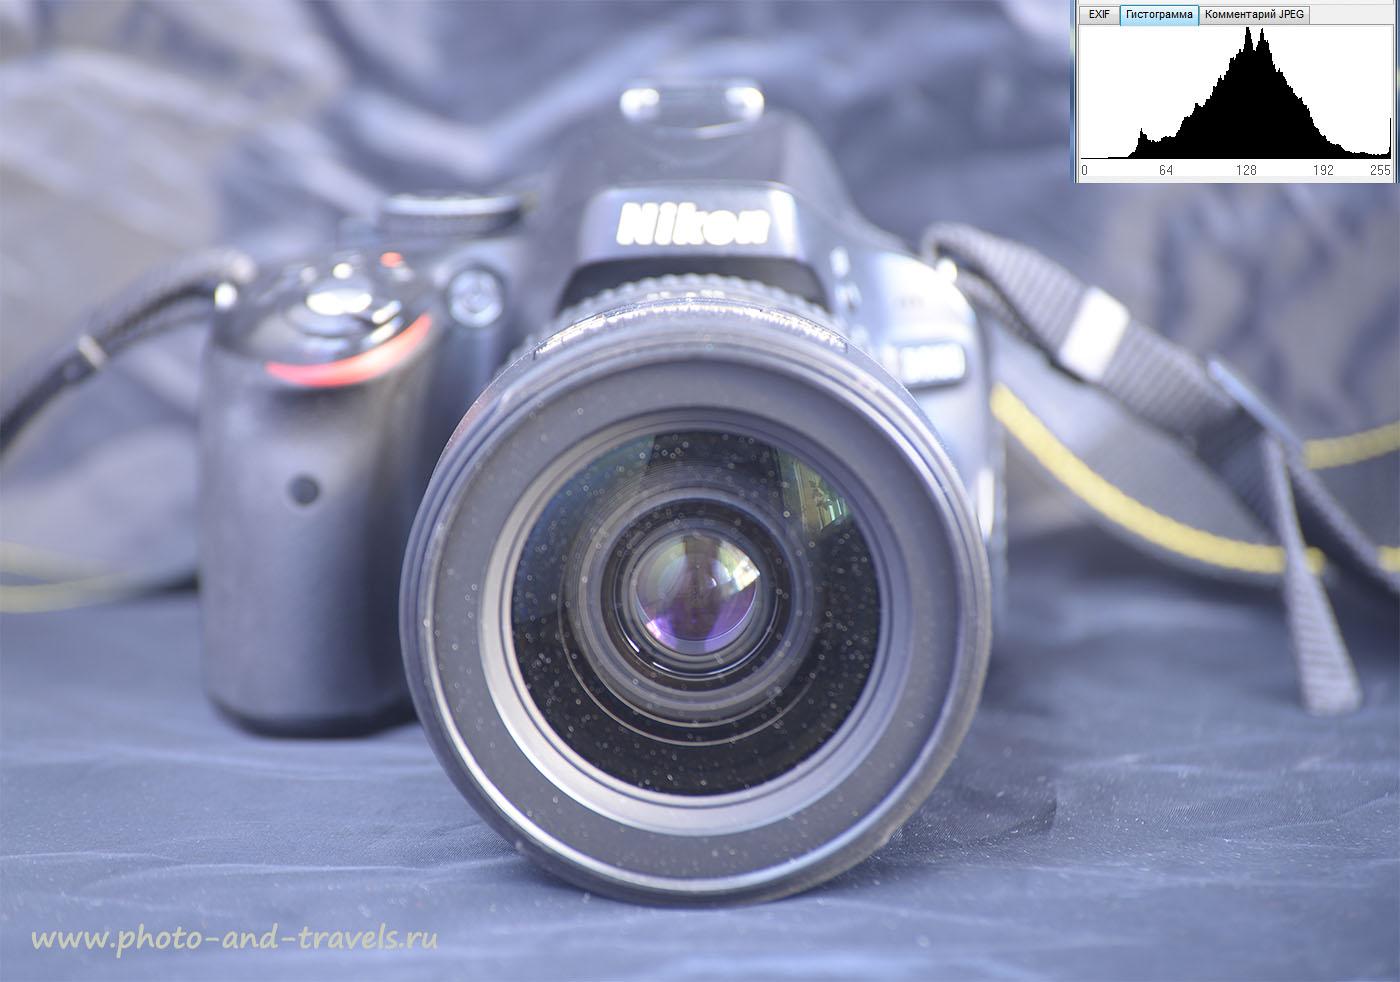 """Фото 11. Когда мы фотографируем черную зеркалку Nikon D5100 с репортажным объективом Nikon 17-55/2.8 на черном же фоне, и не вводим экспокоррекцию, снимок тоже получается серым. Уроки фотографии для новичков """"Что такое правильная экспозиция"""". 6 секунд, 0EV, f/4.8, 100, 145 мм."""